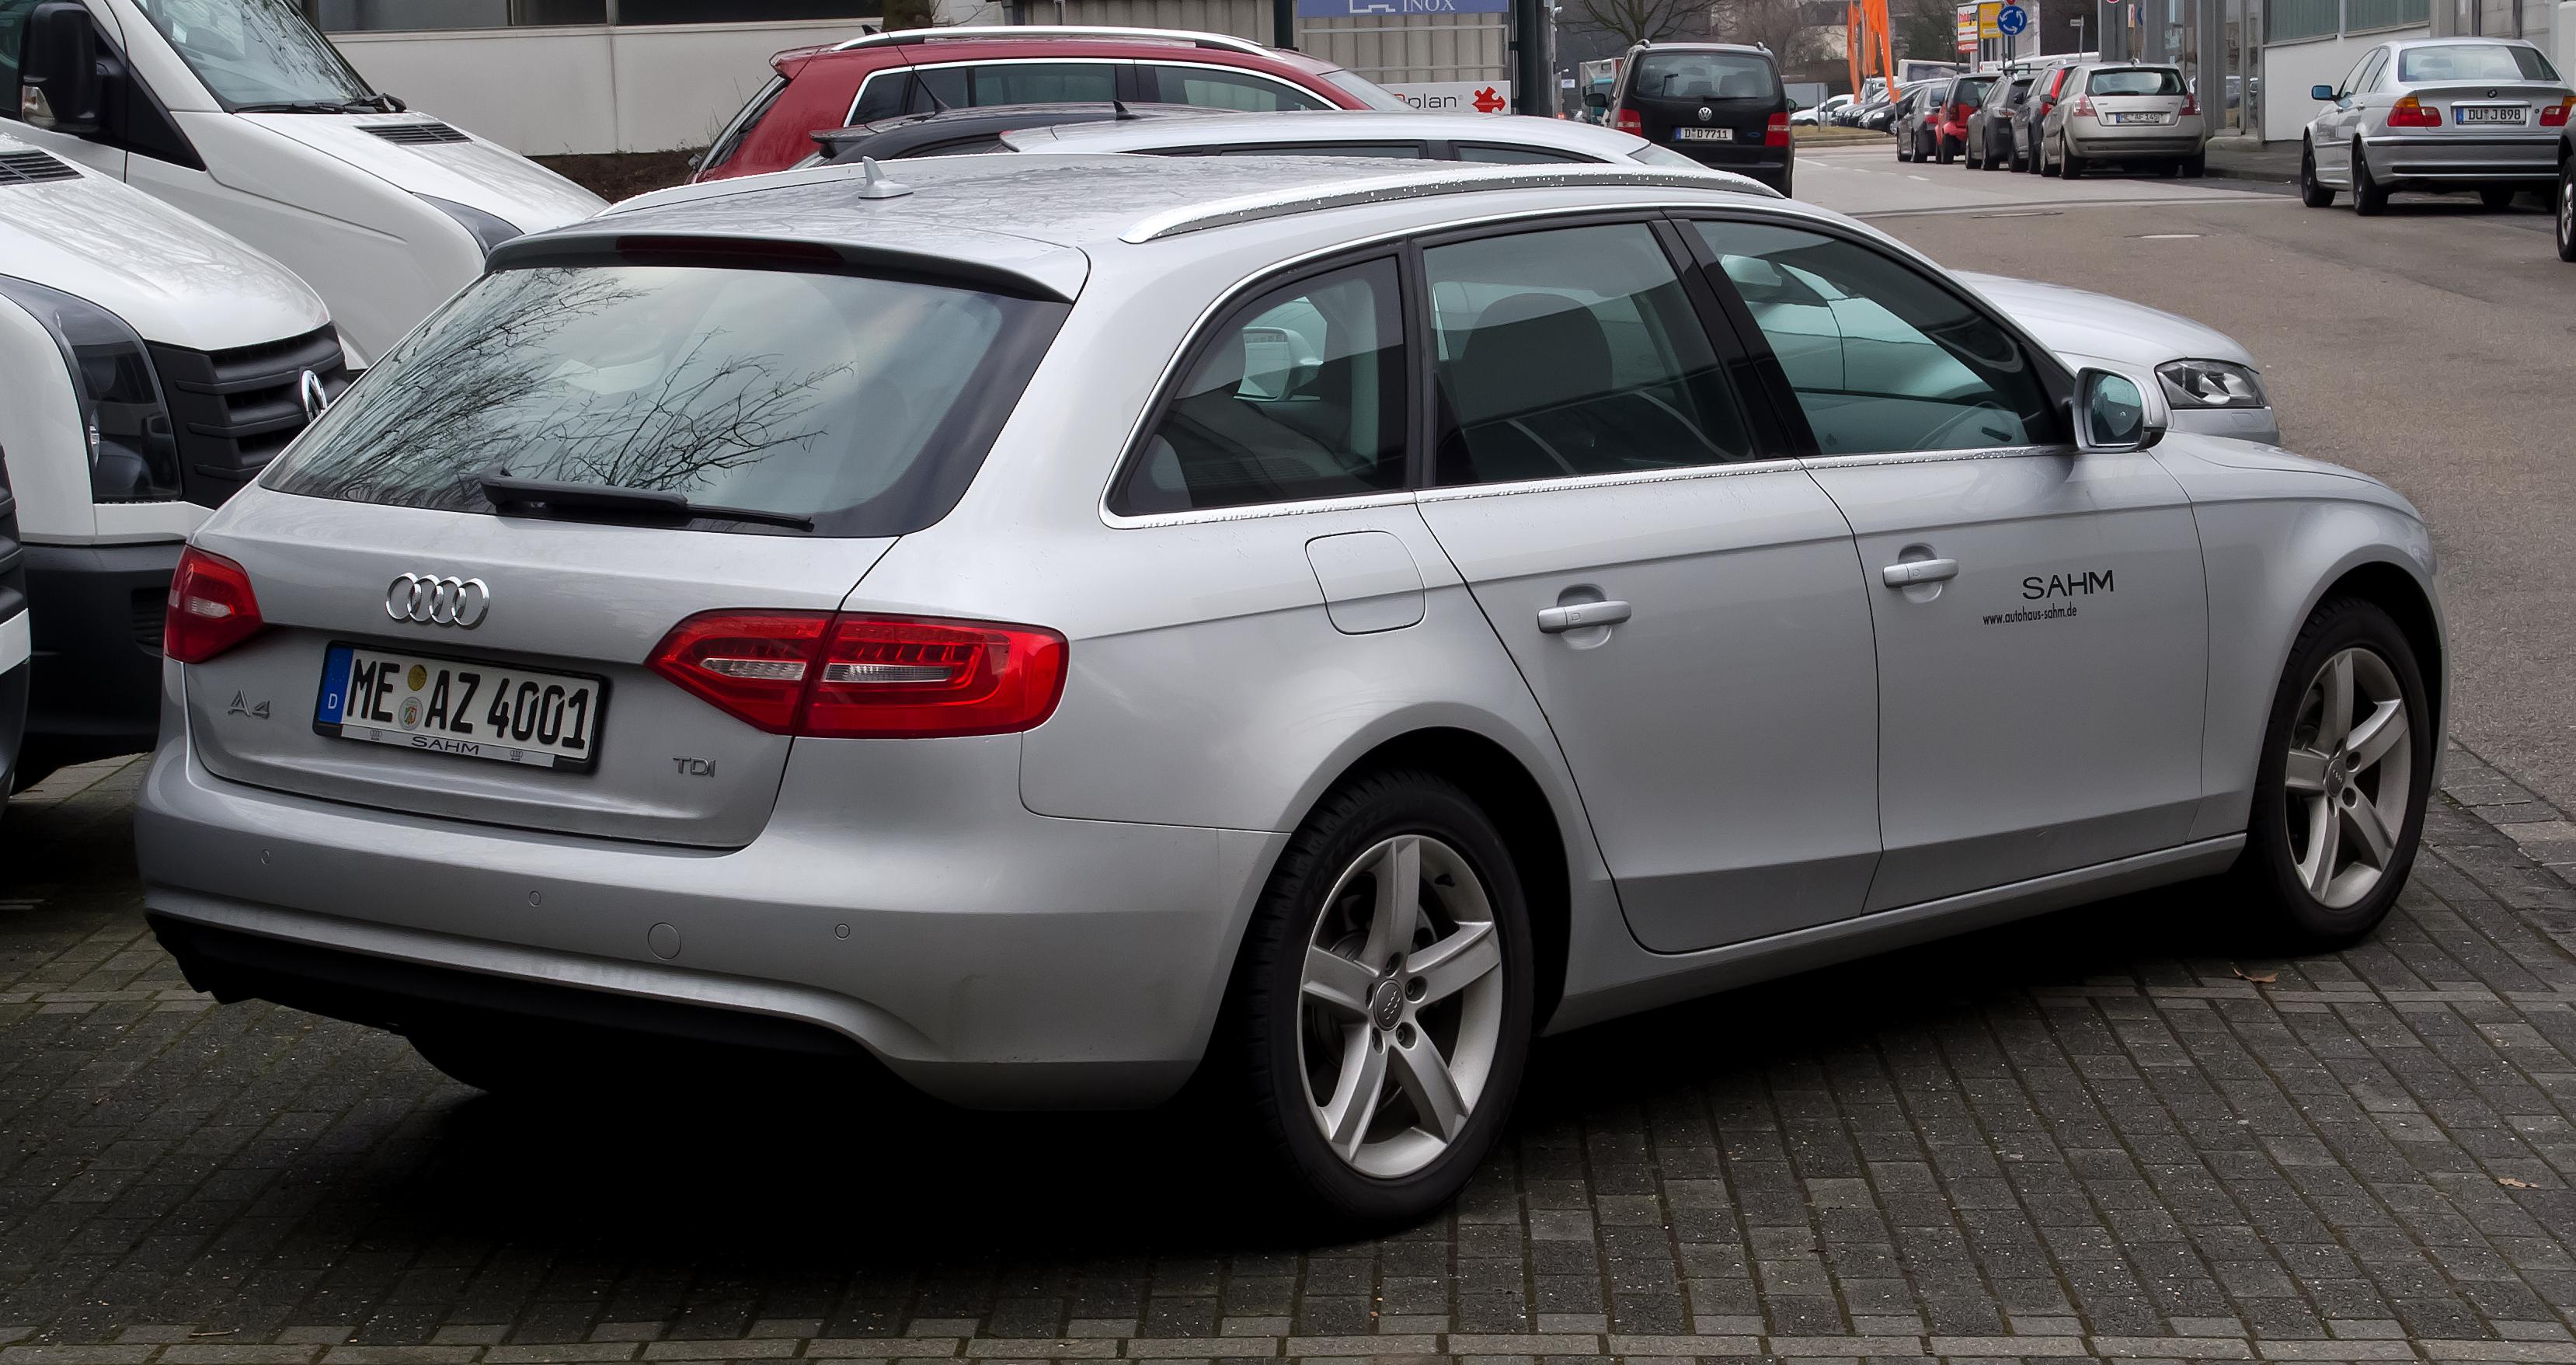 Audi a4 19 tdi 2005 model